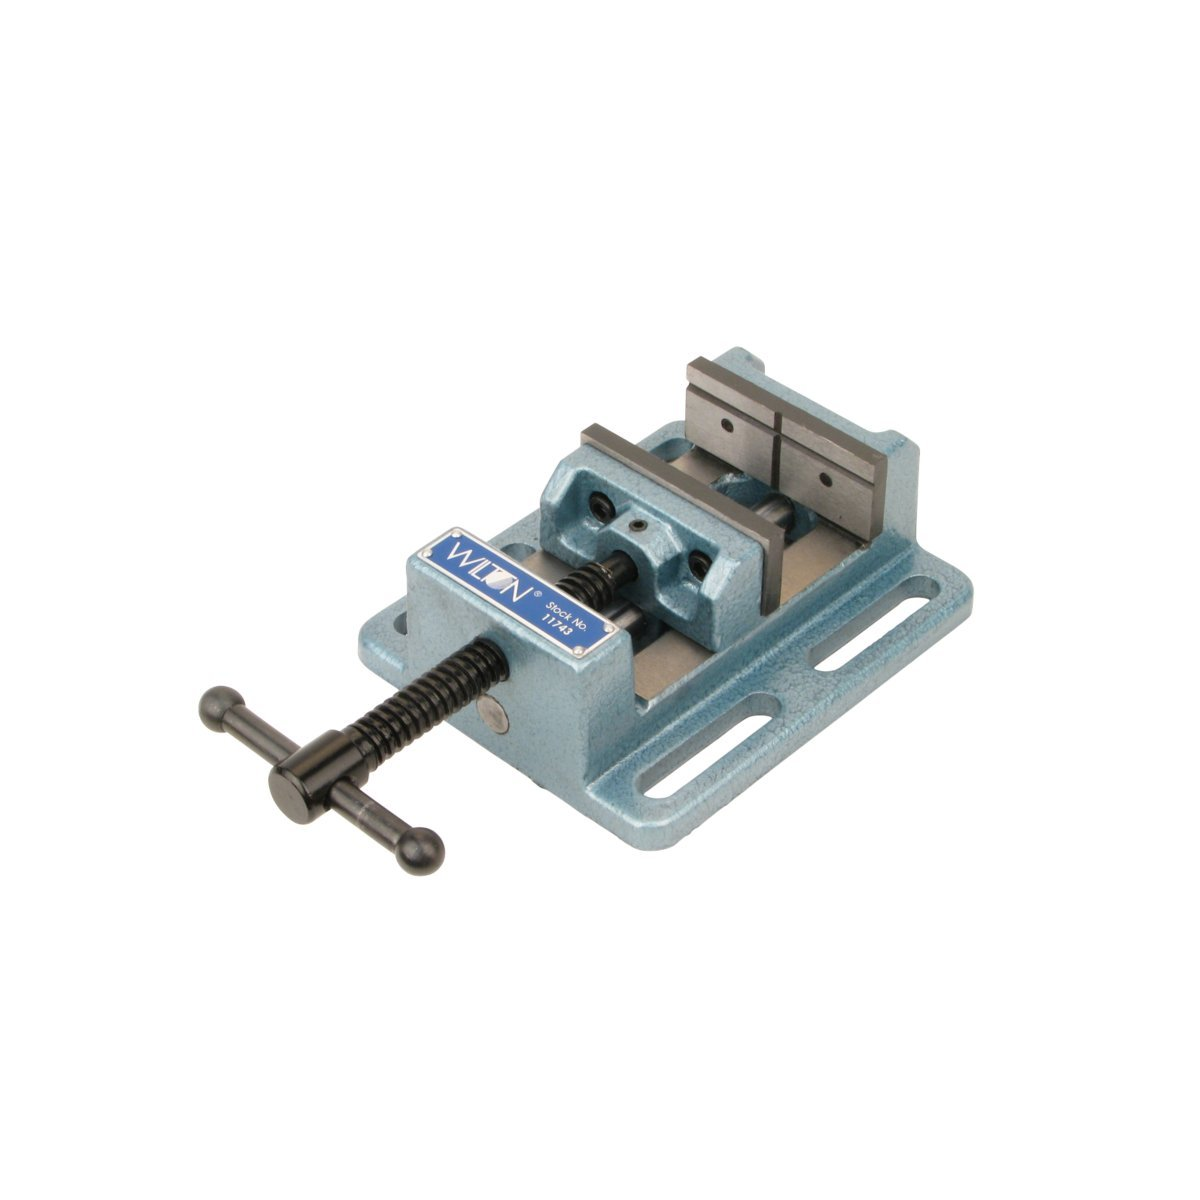 Wilton 11743 3 Inch Profile Drill